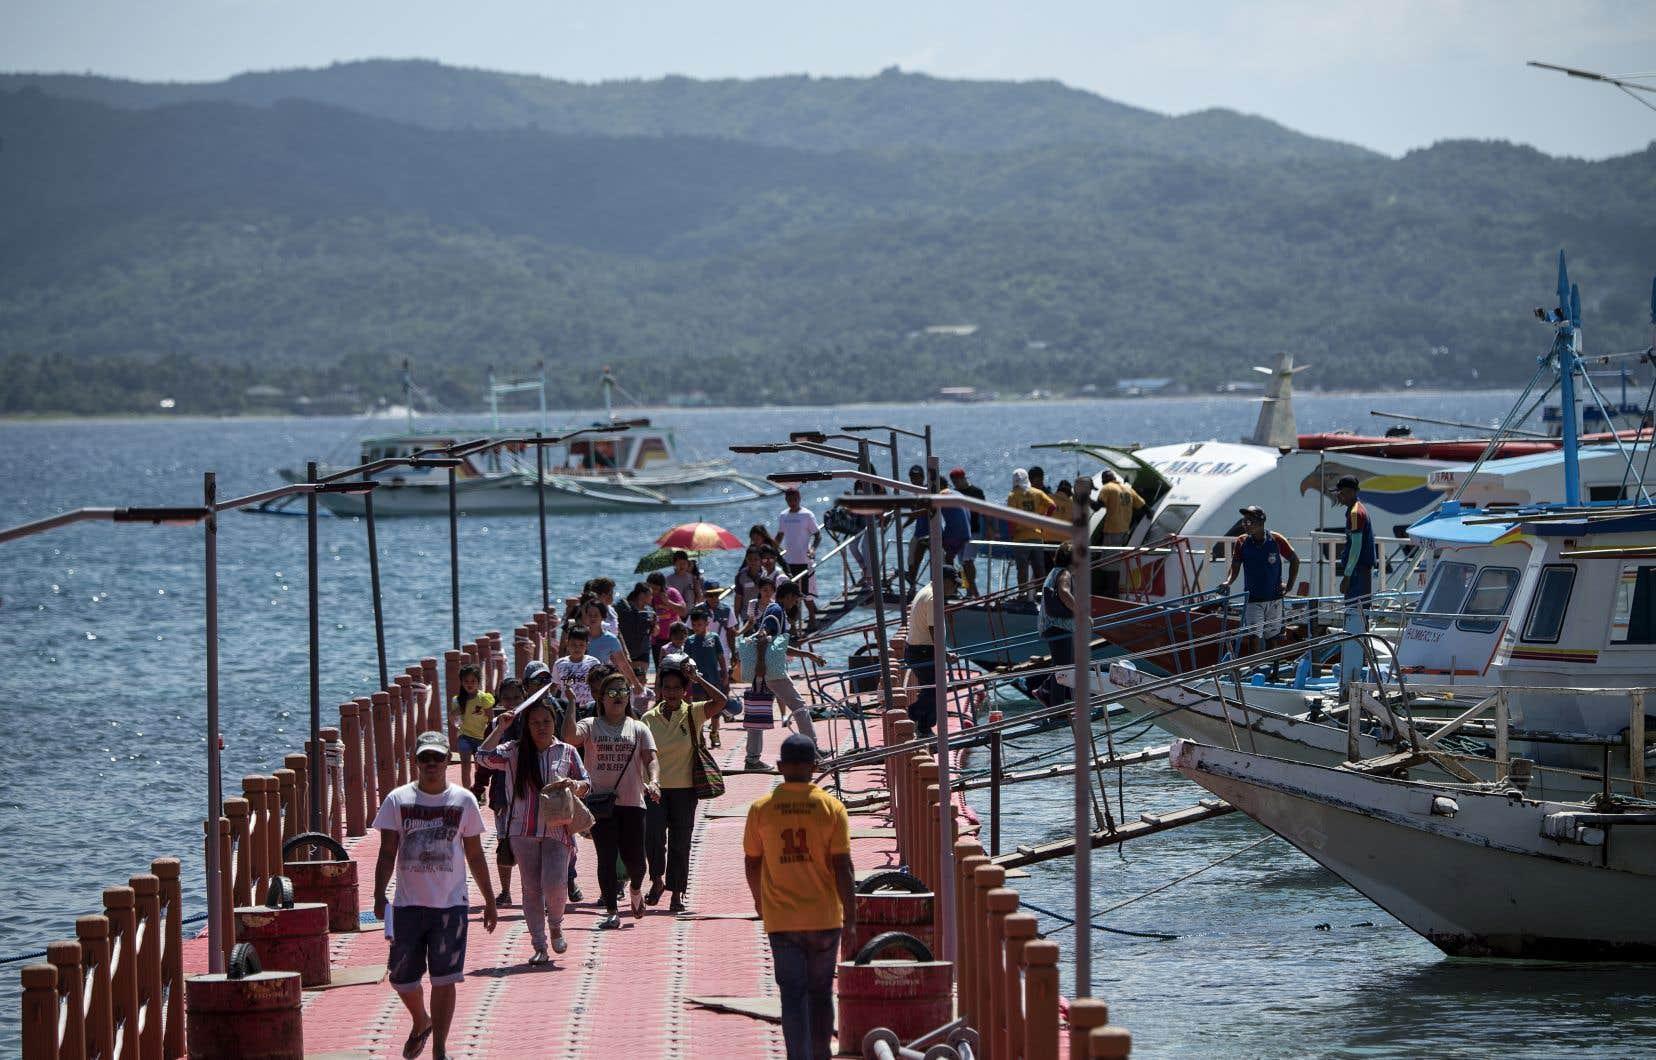 <p>De nouvelles règles ont été imposées aux touristes pour lutter contre les ravages environnementaux du tourisme de masse.</p>